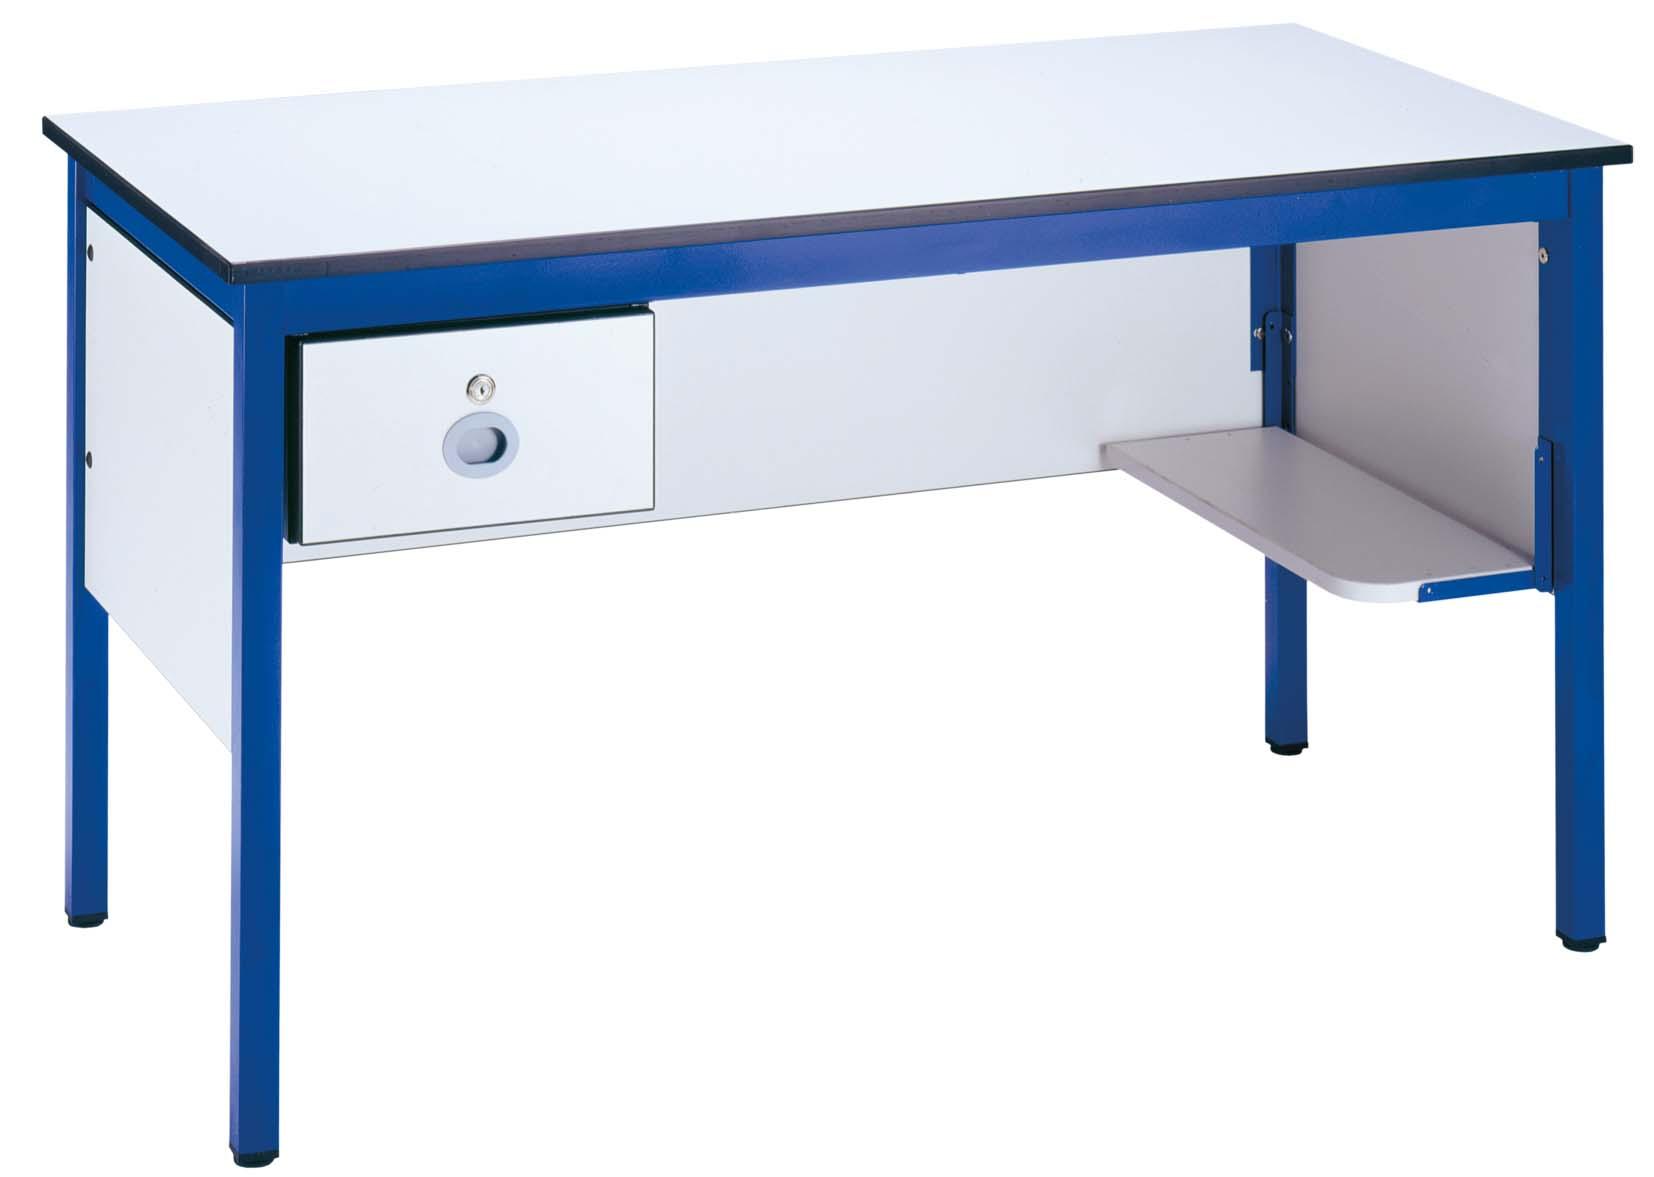 tablette repose sac mobilier goz. Black Bedroom Furniture Sets. Home Design Ideas